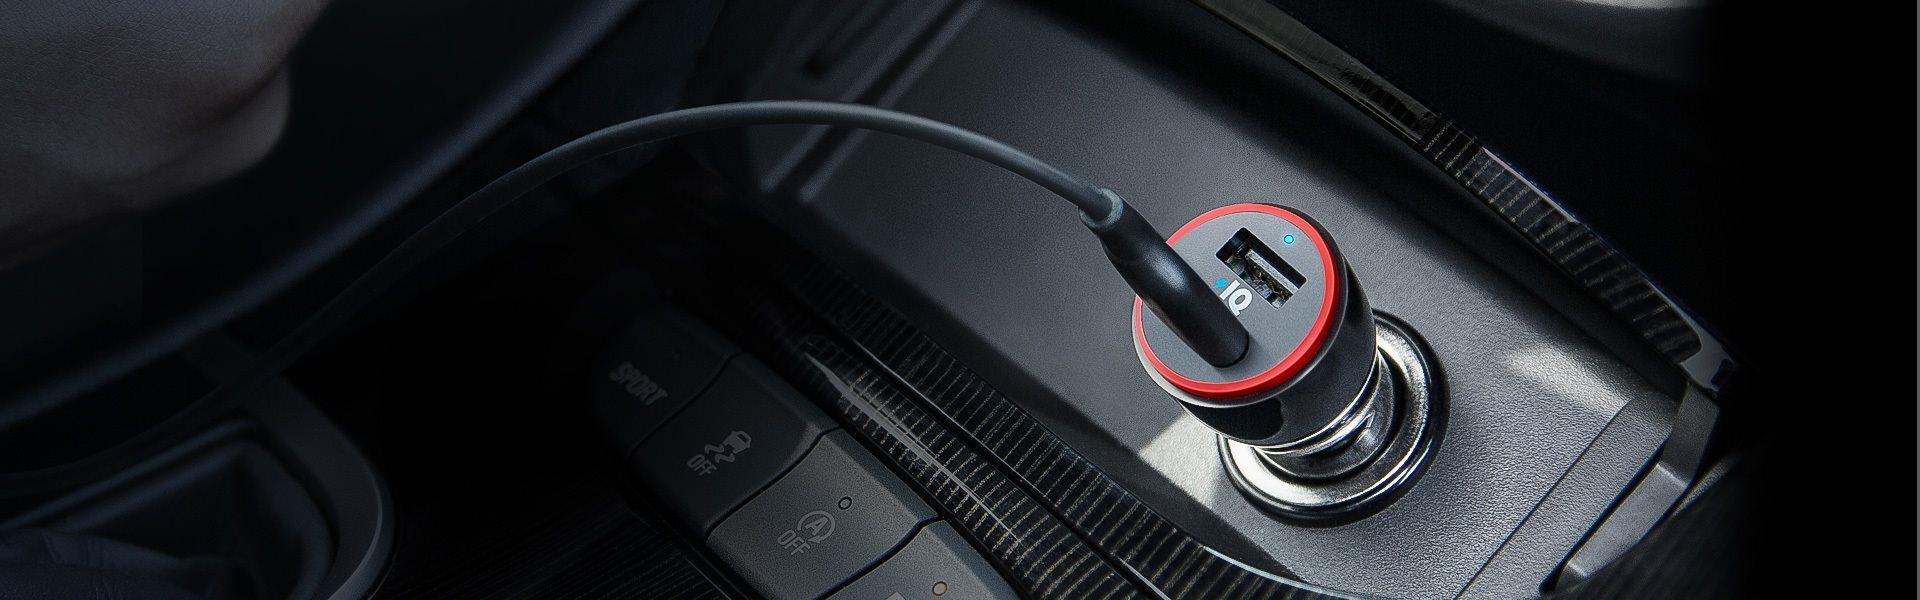 PowerDrive 2 mobilladdare för bilen